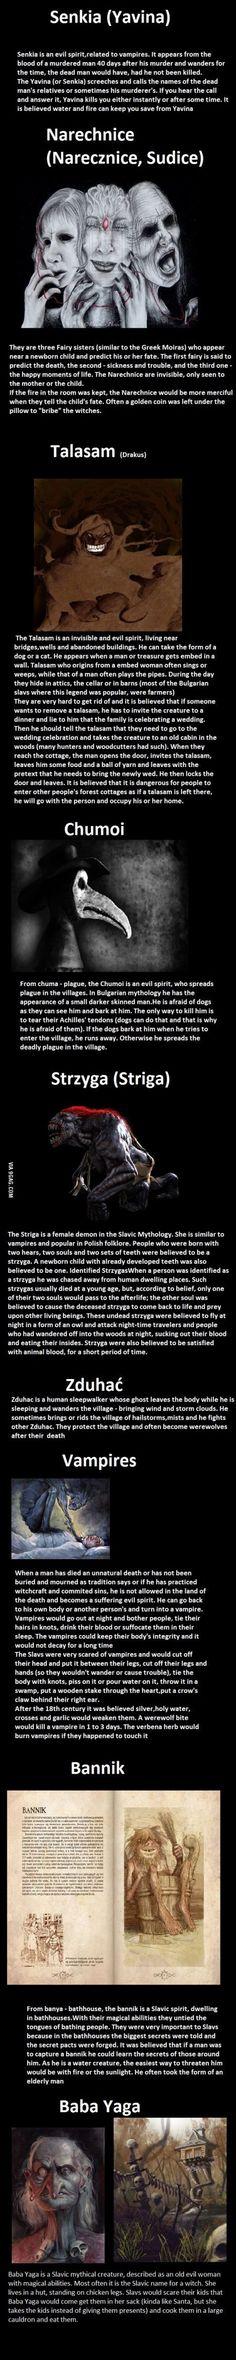 Slavic Mythology Part 2 (hope you guys enjoy it, I certainly did while making it)